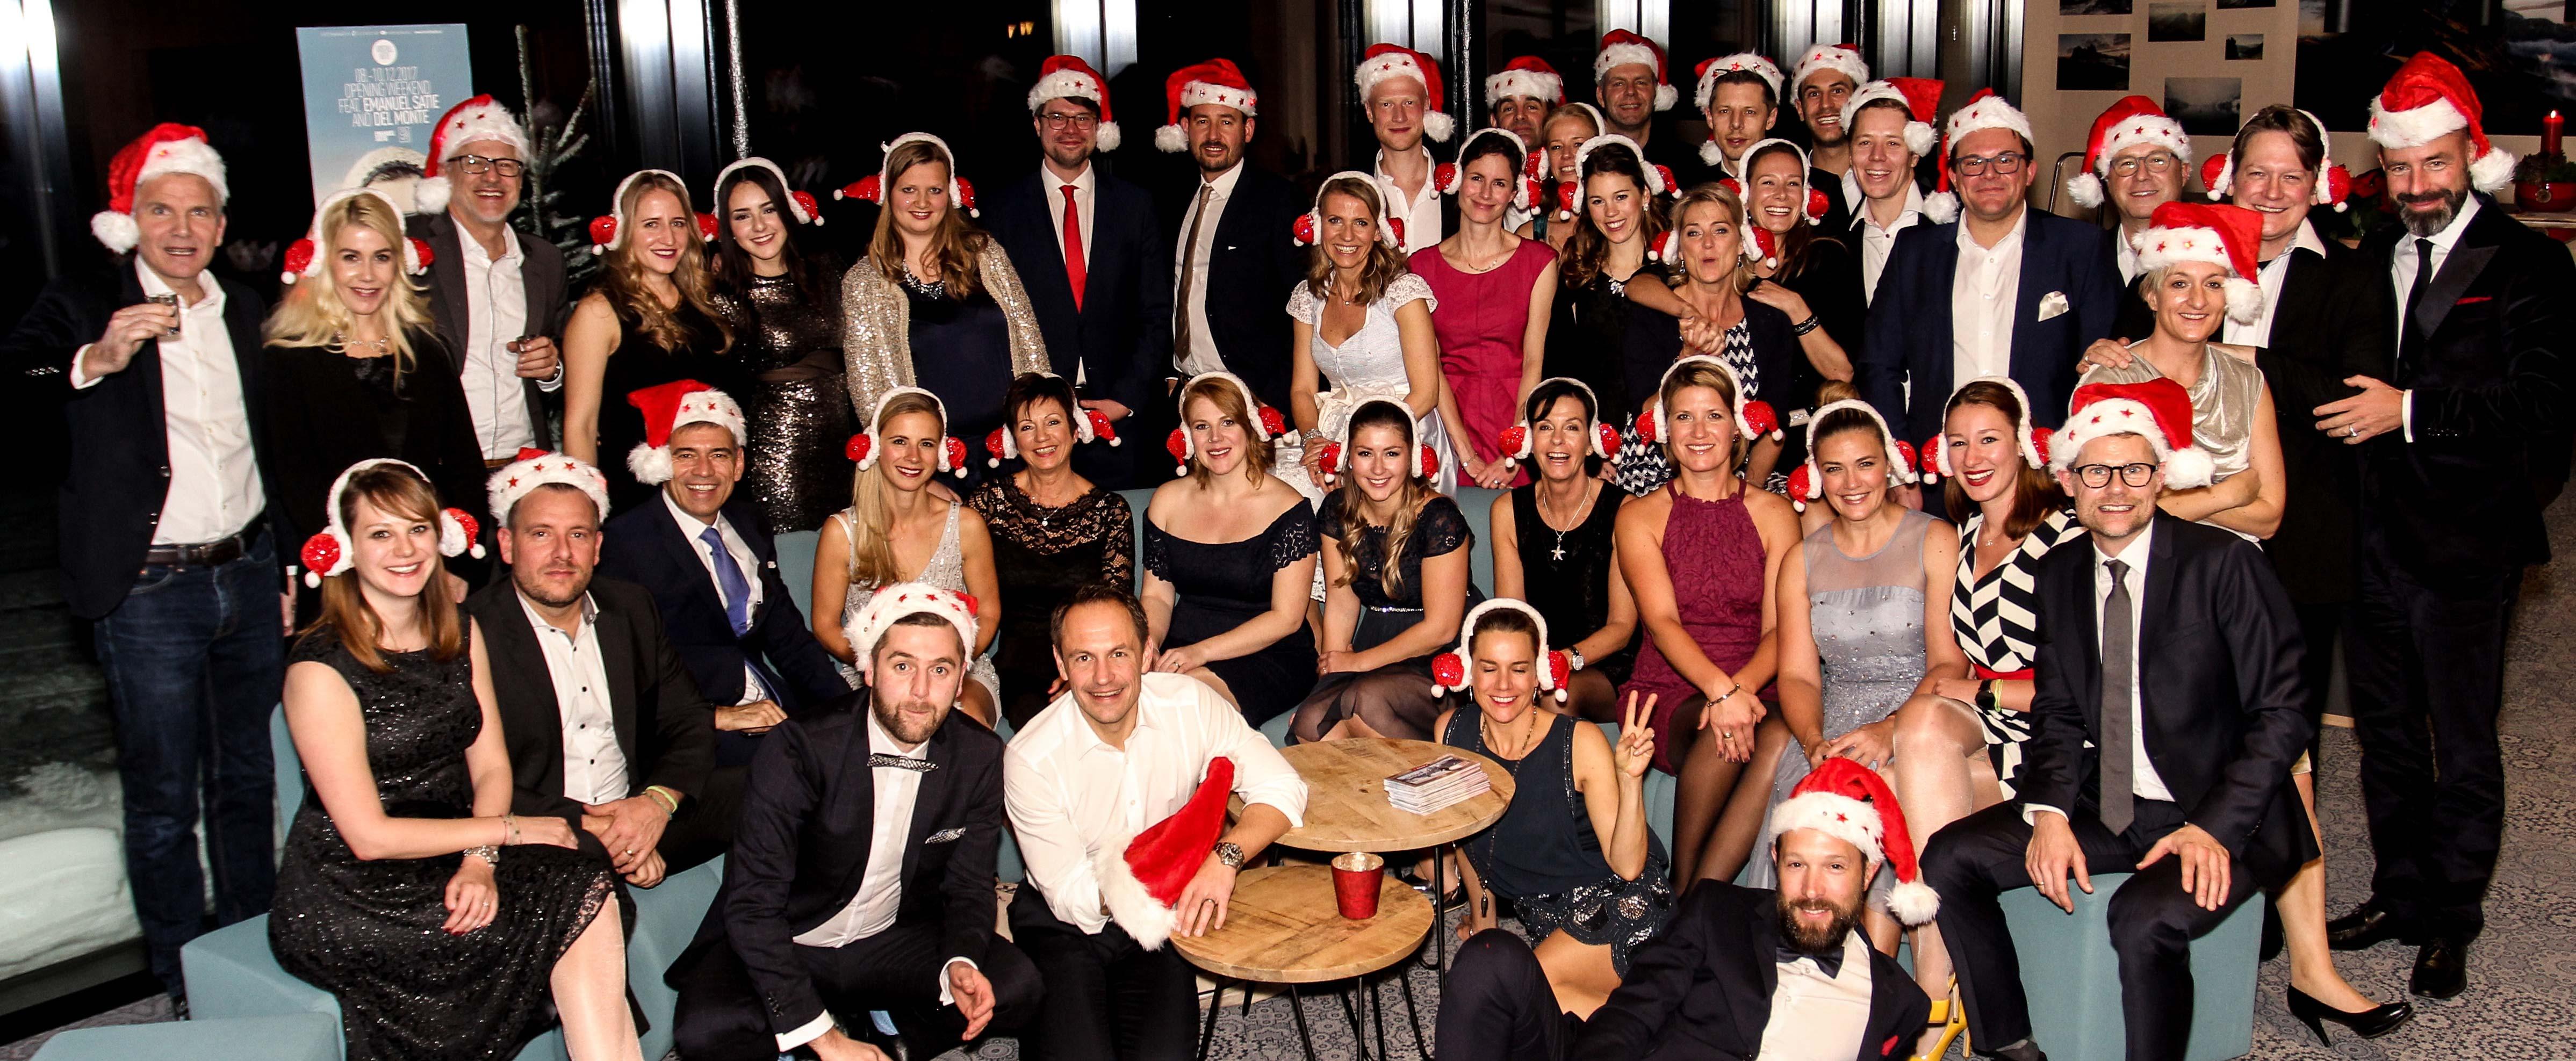 Motto Weihnachtsfeier Party.Die Commax Weihnachtsfeier Feier And Ice Im Zillertal